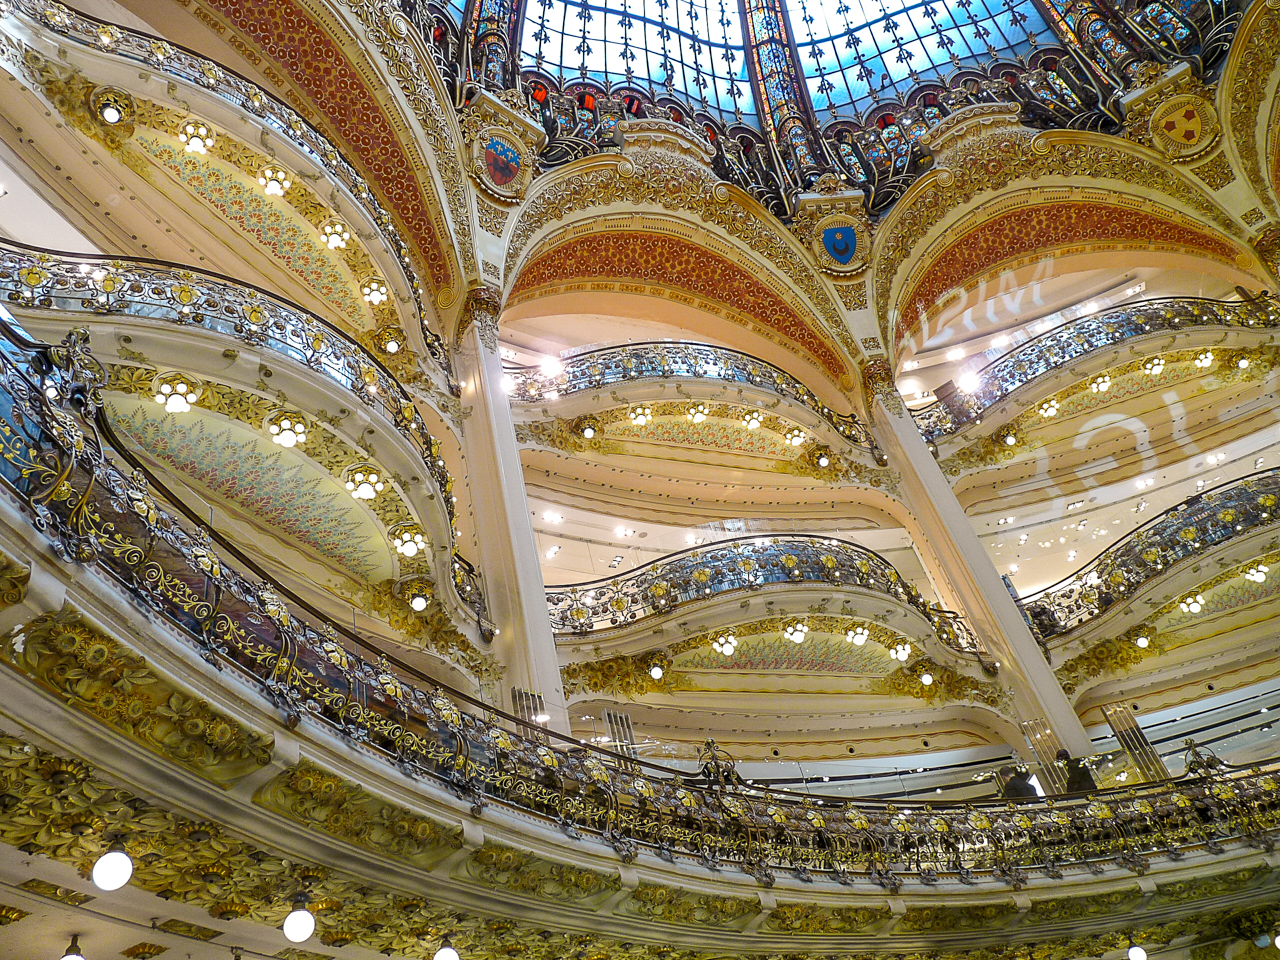 Galerias Lafayette